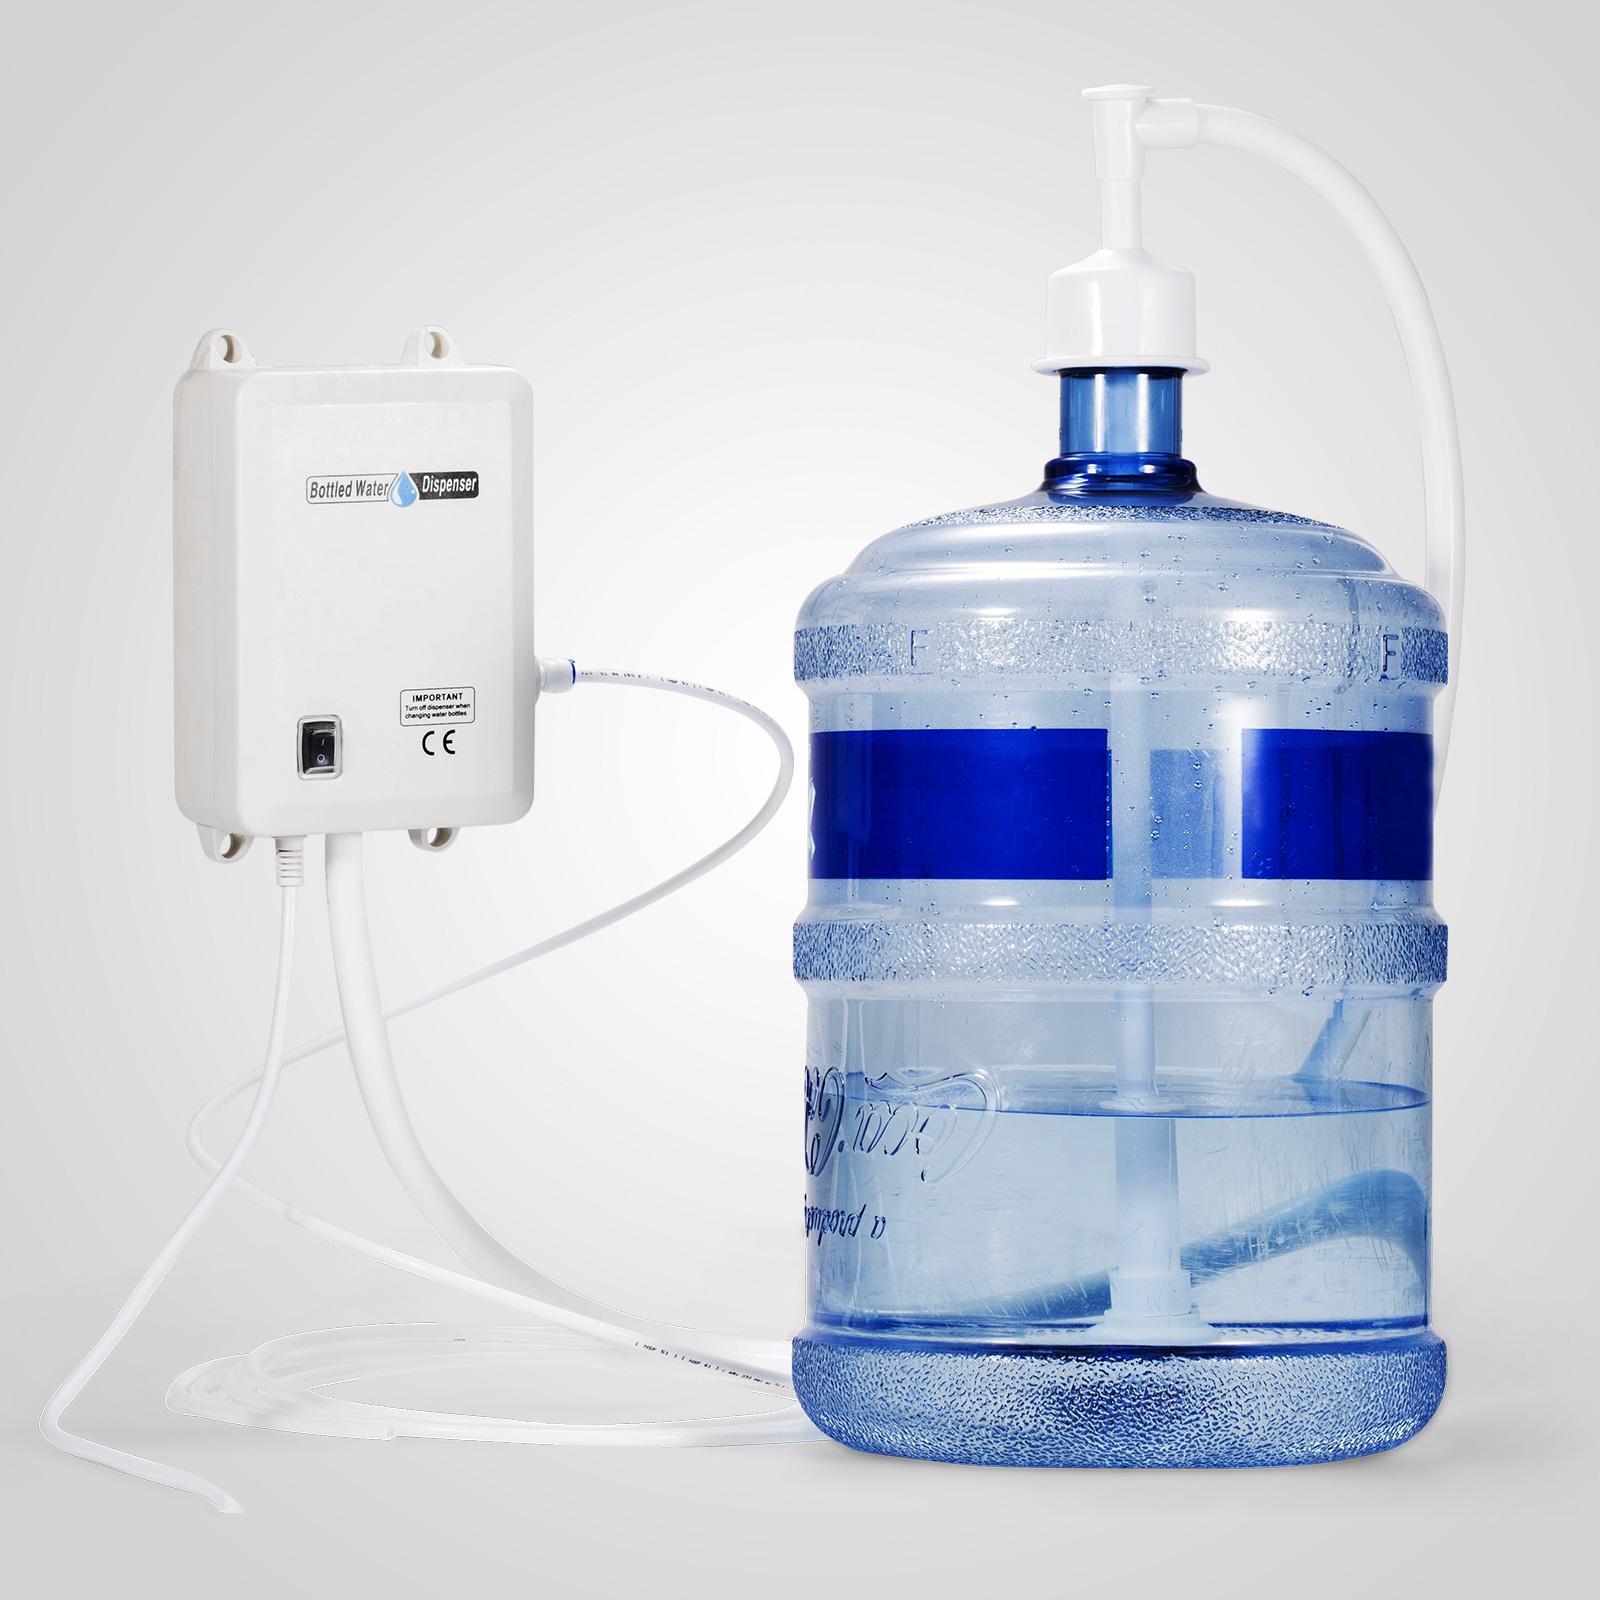 wasser pumpe wasserspender dispenser abgef lltes 40 psi elektrisch automatisch 241364438829 ebay. Black Bedroom Furniture Sets. Home Design Ideas